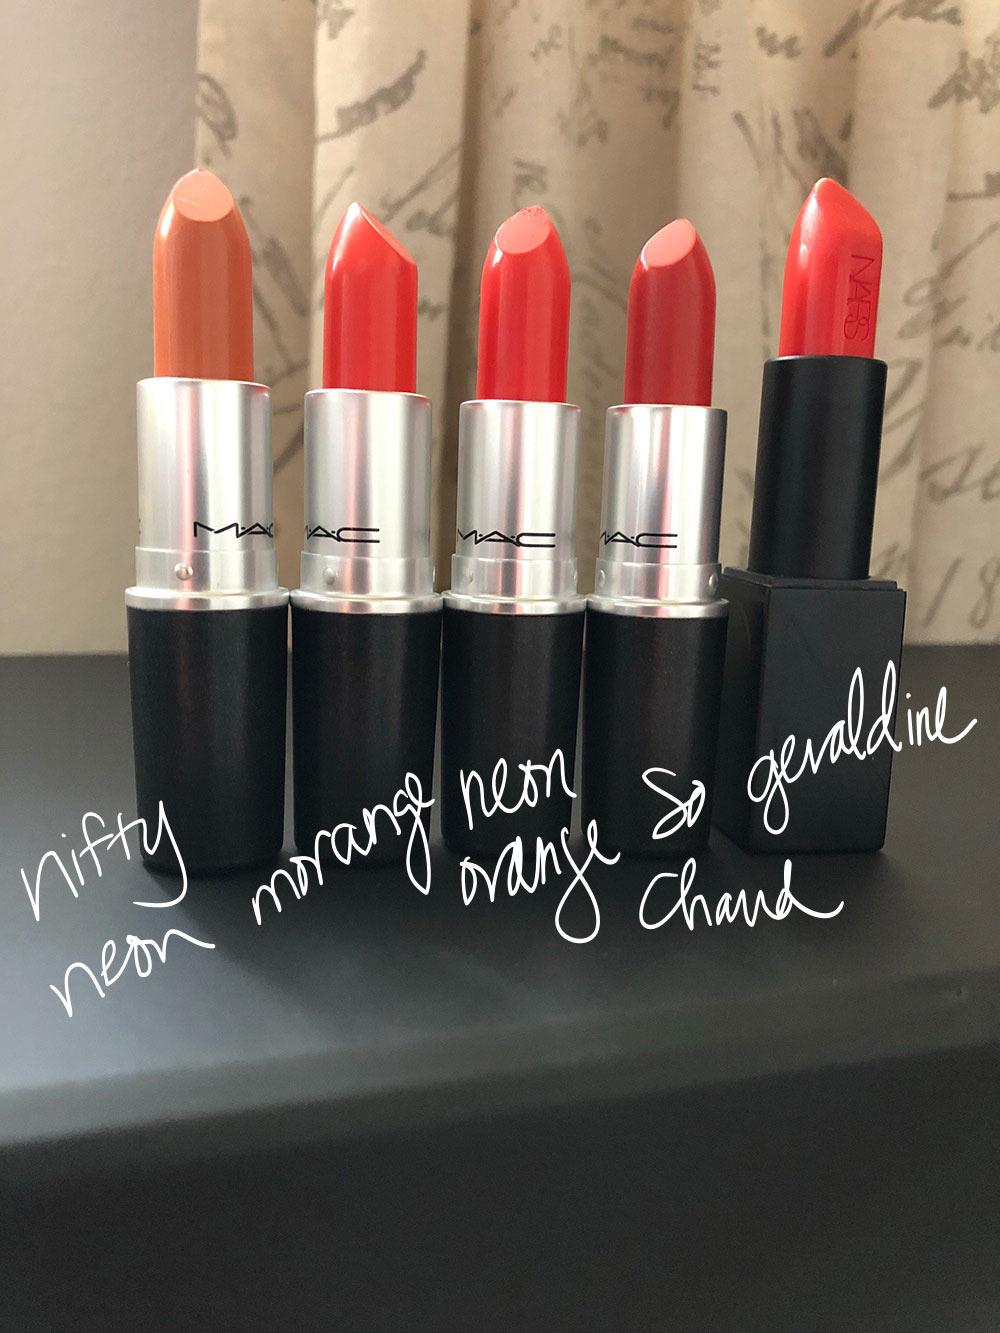 orange lipsticks